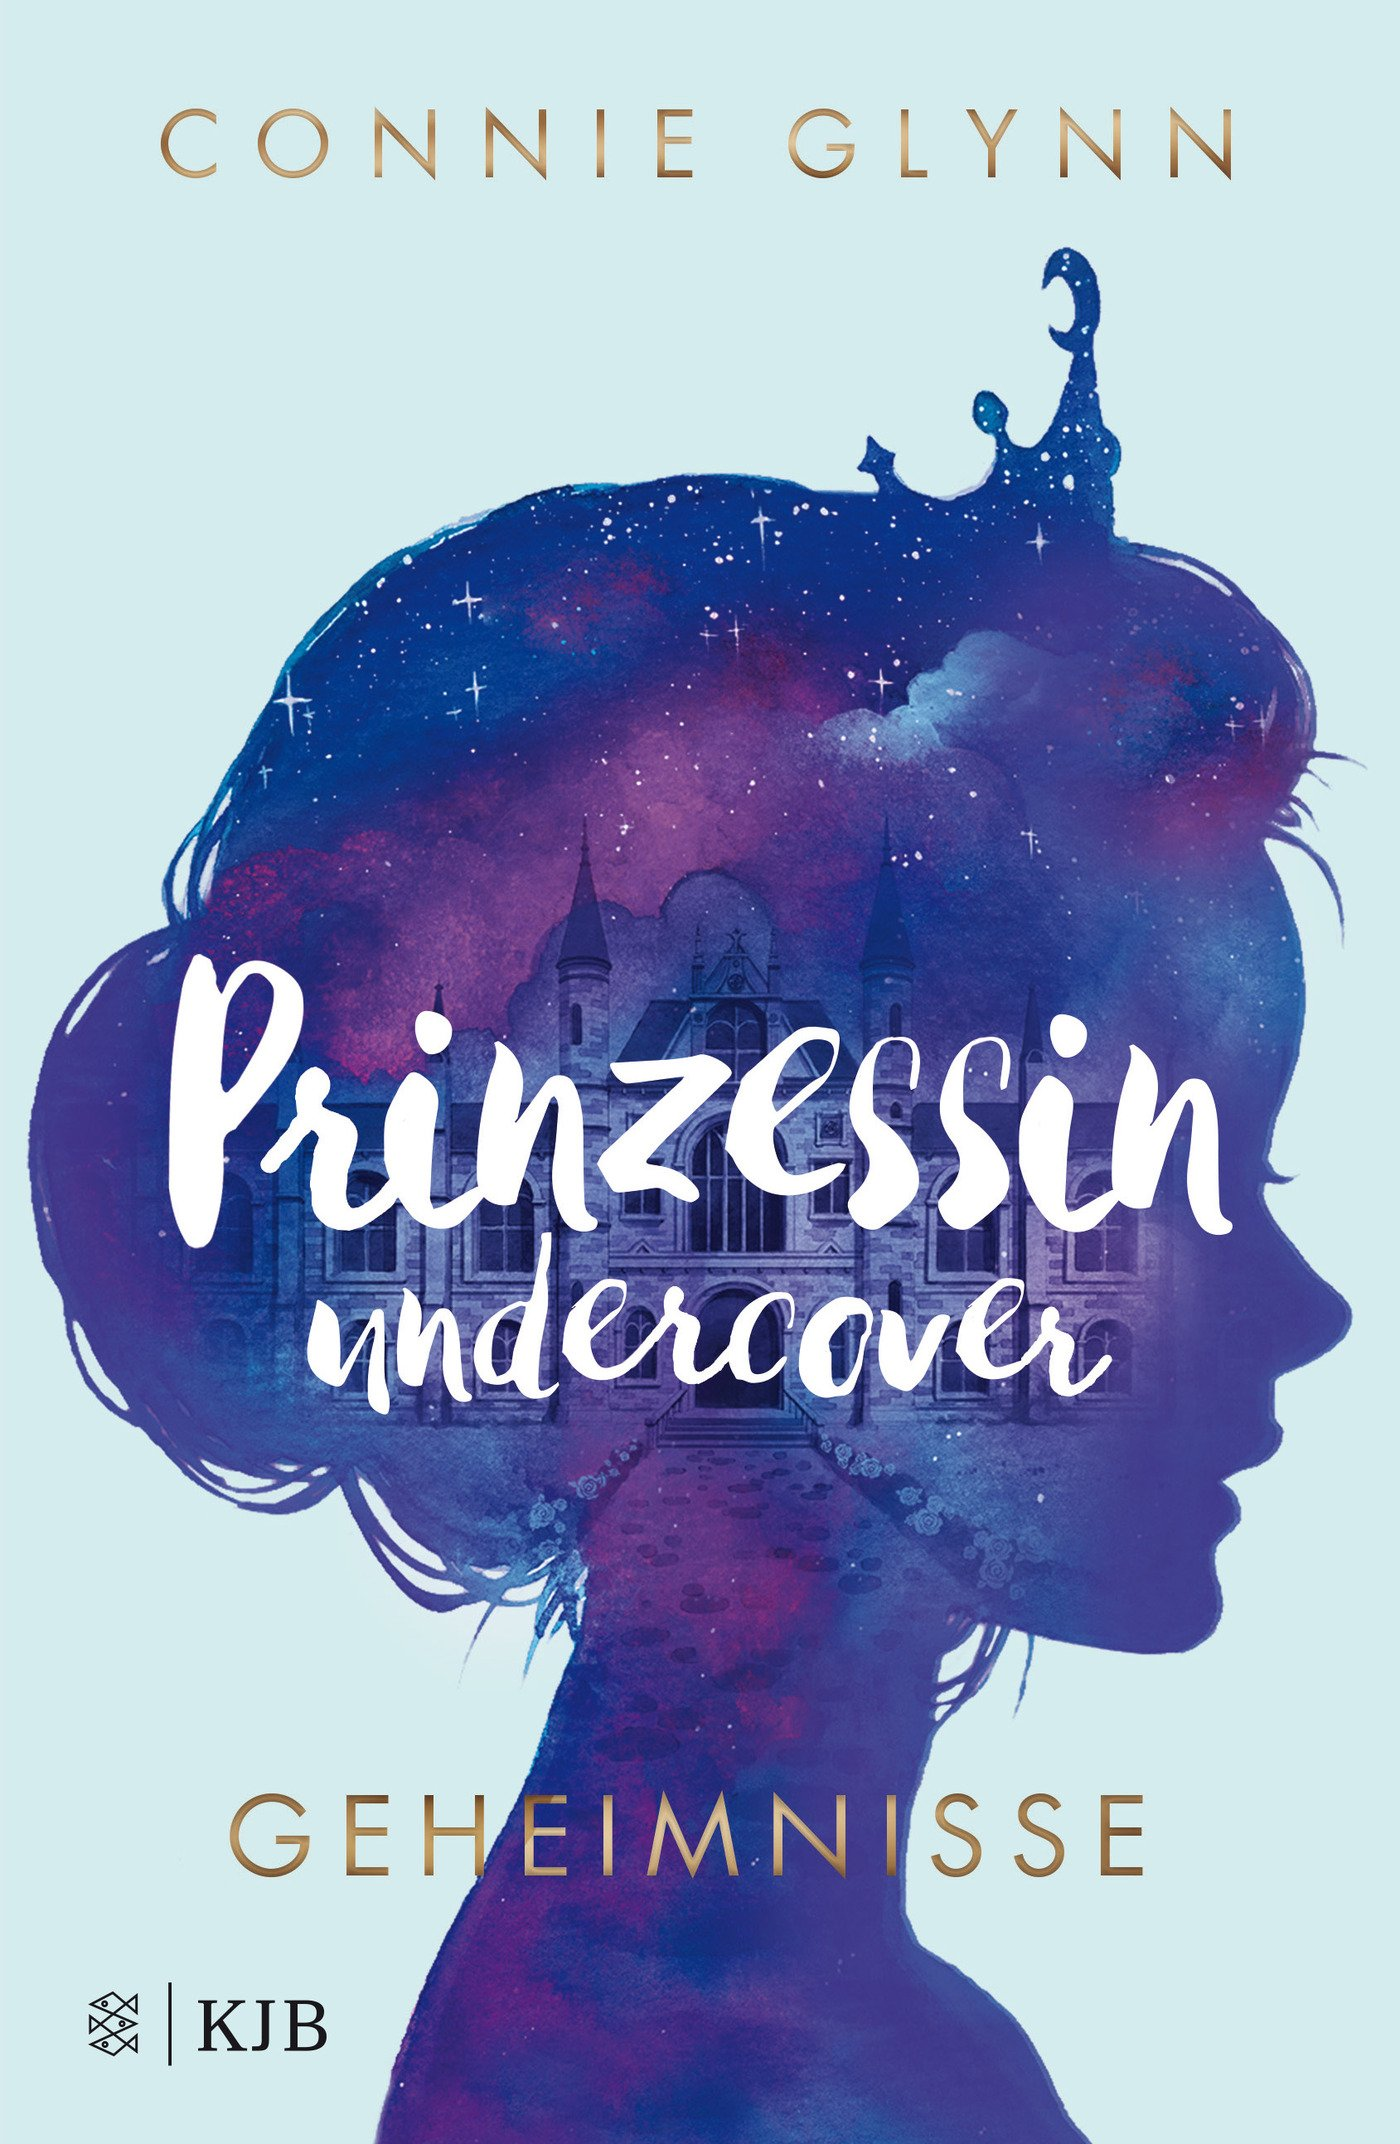 Prinzessin undercover – Geheimnisse: (Band 1) Gebundenes Buch – 25. Juli 2018 Connie Glynn Maren Illinger FISCHER KJB 3737341281